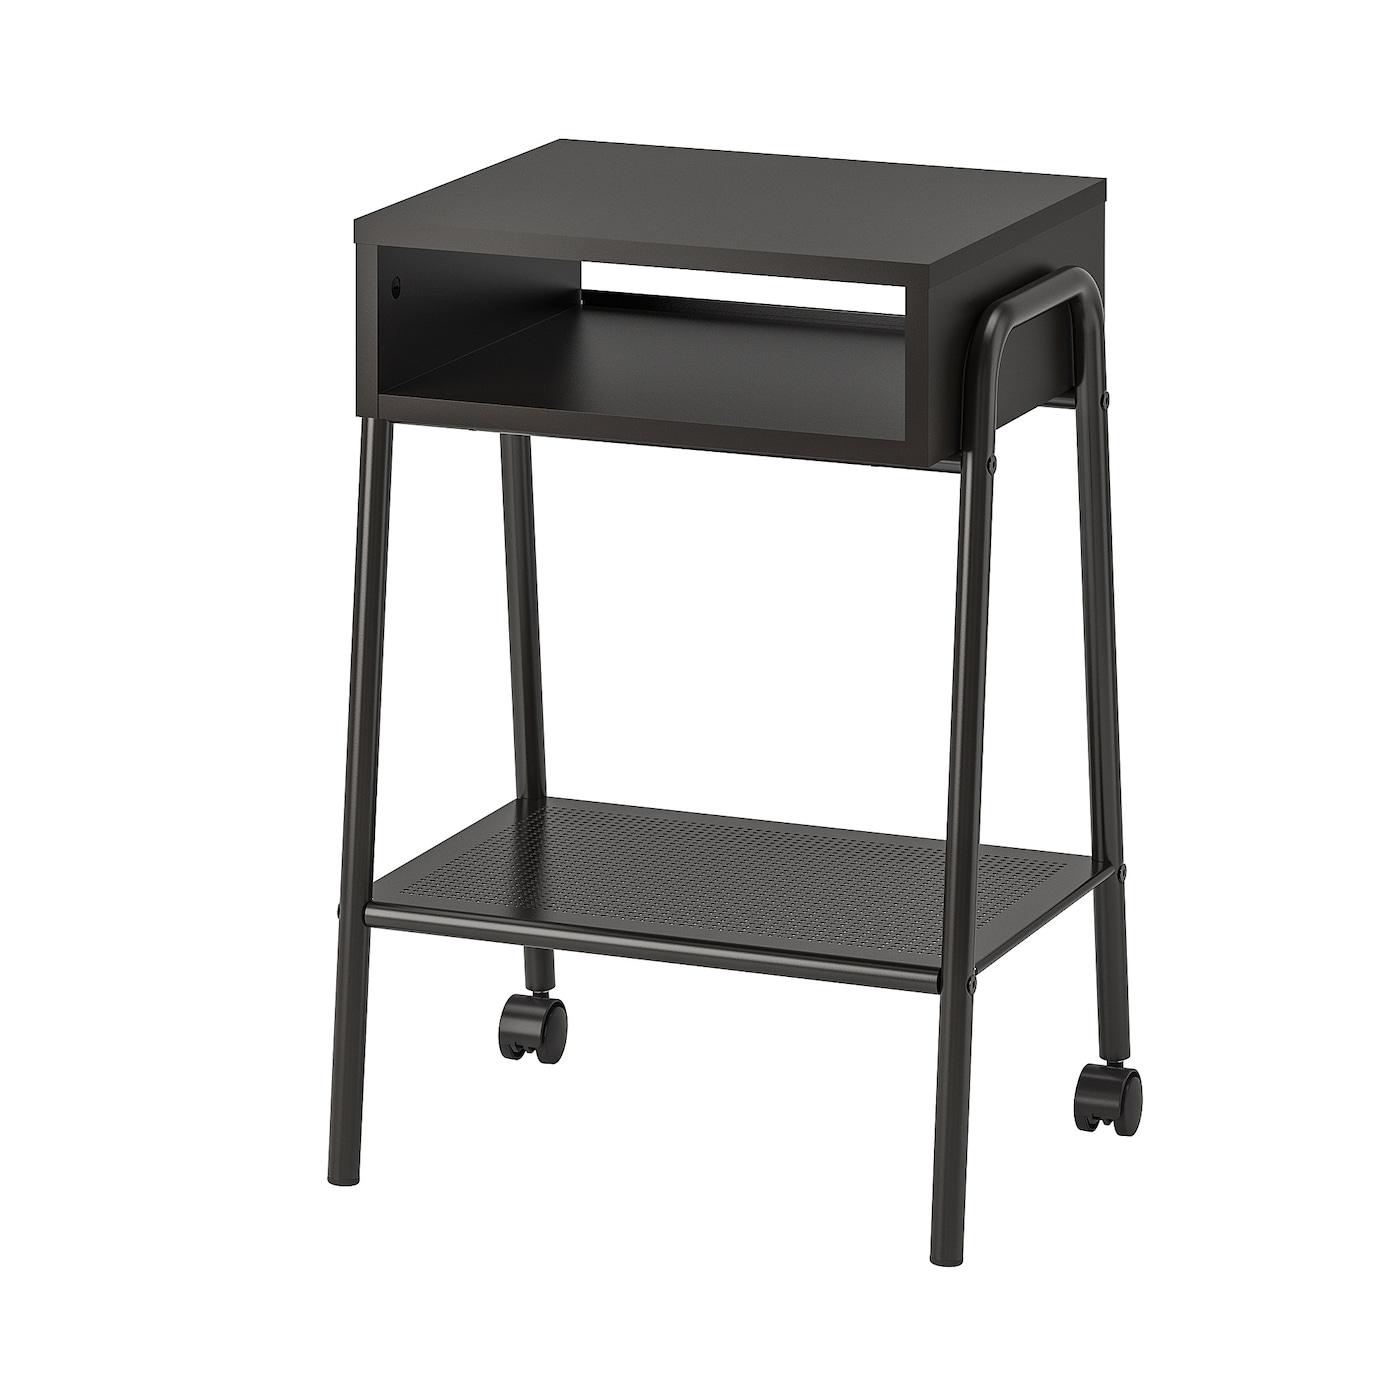 IKEA SETSKOG czarny stolik nocny, 45x35 cm